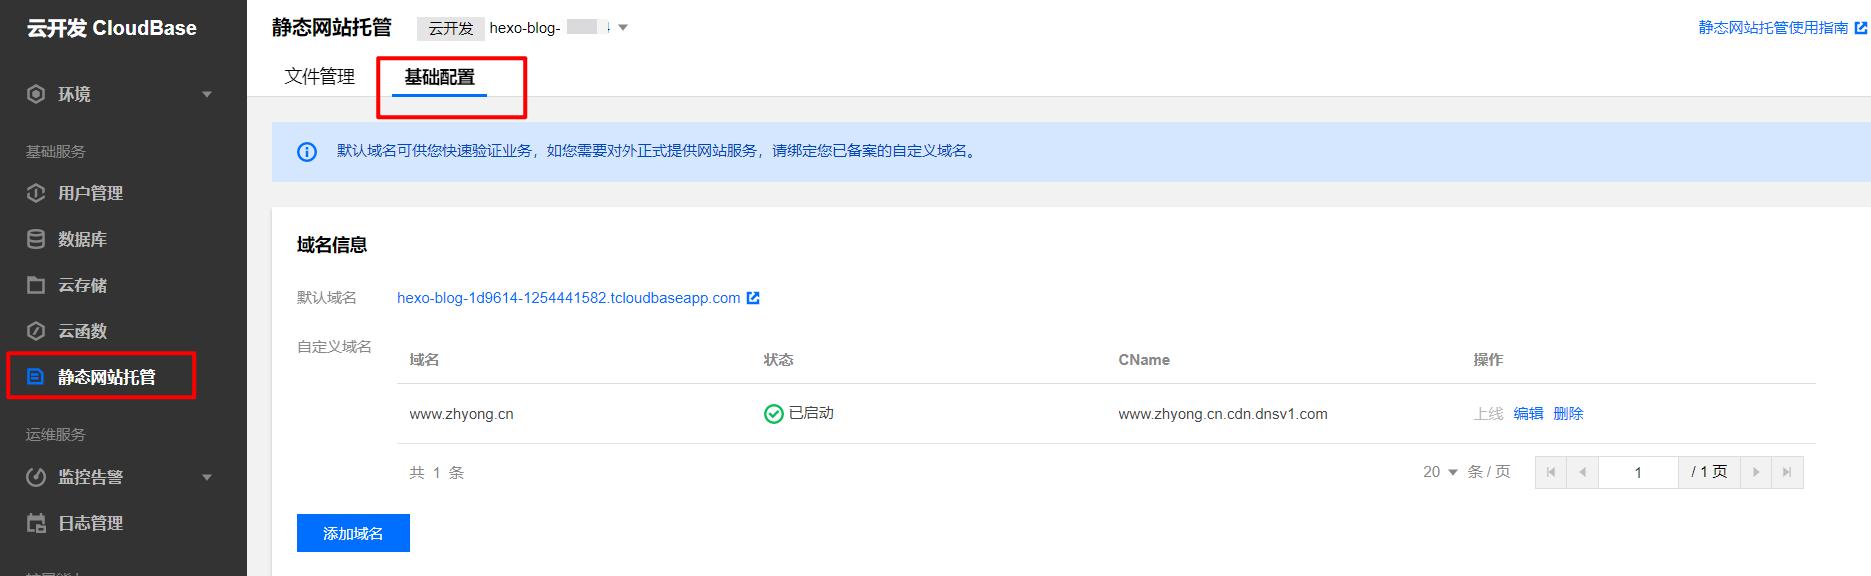 前端-腾讯云静态网站托管加速 Hexo 博客